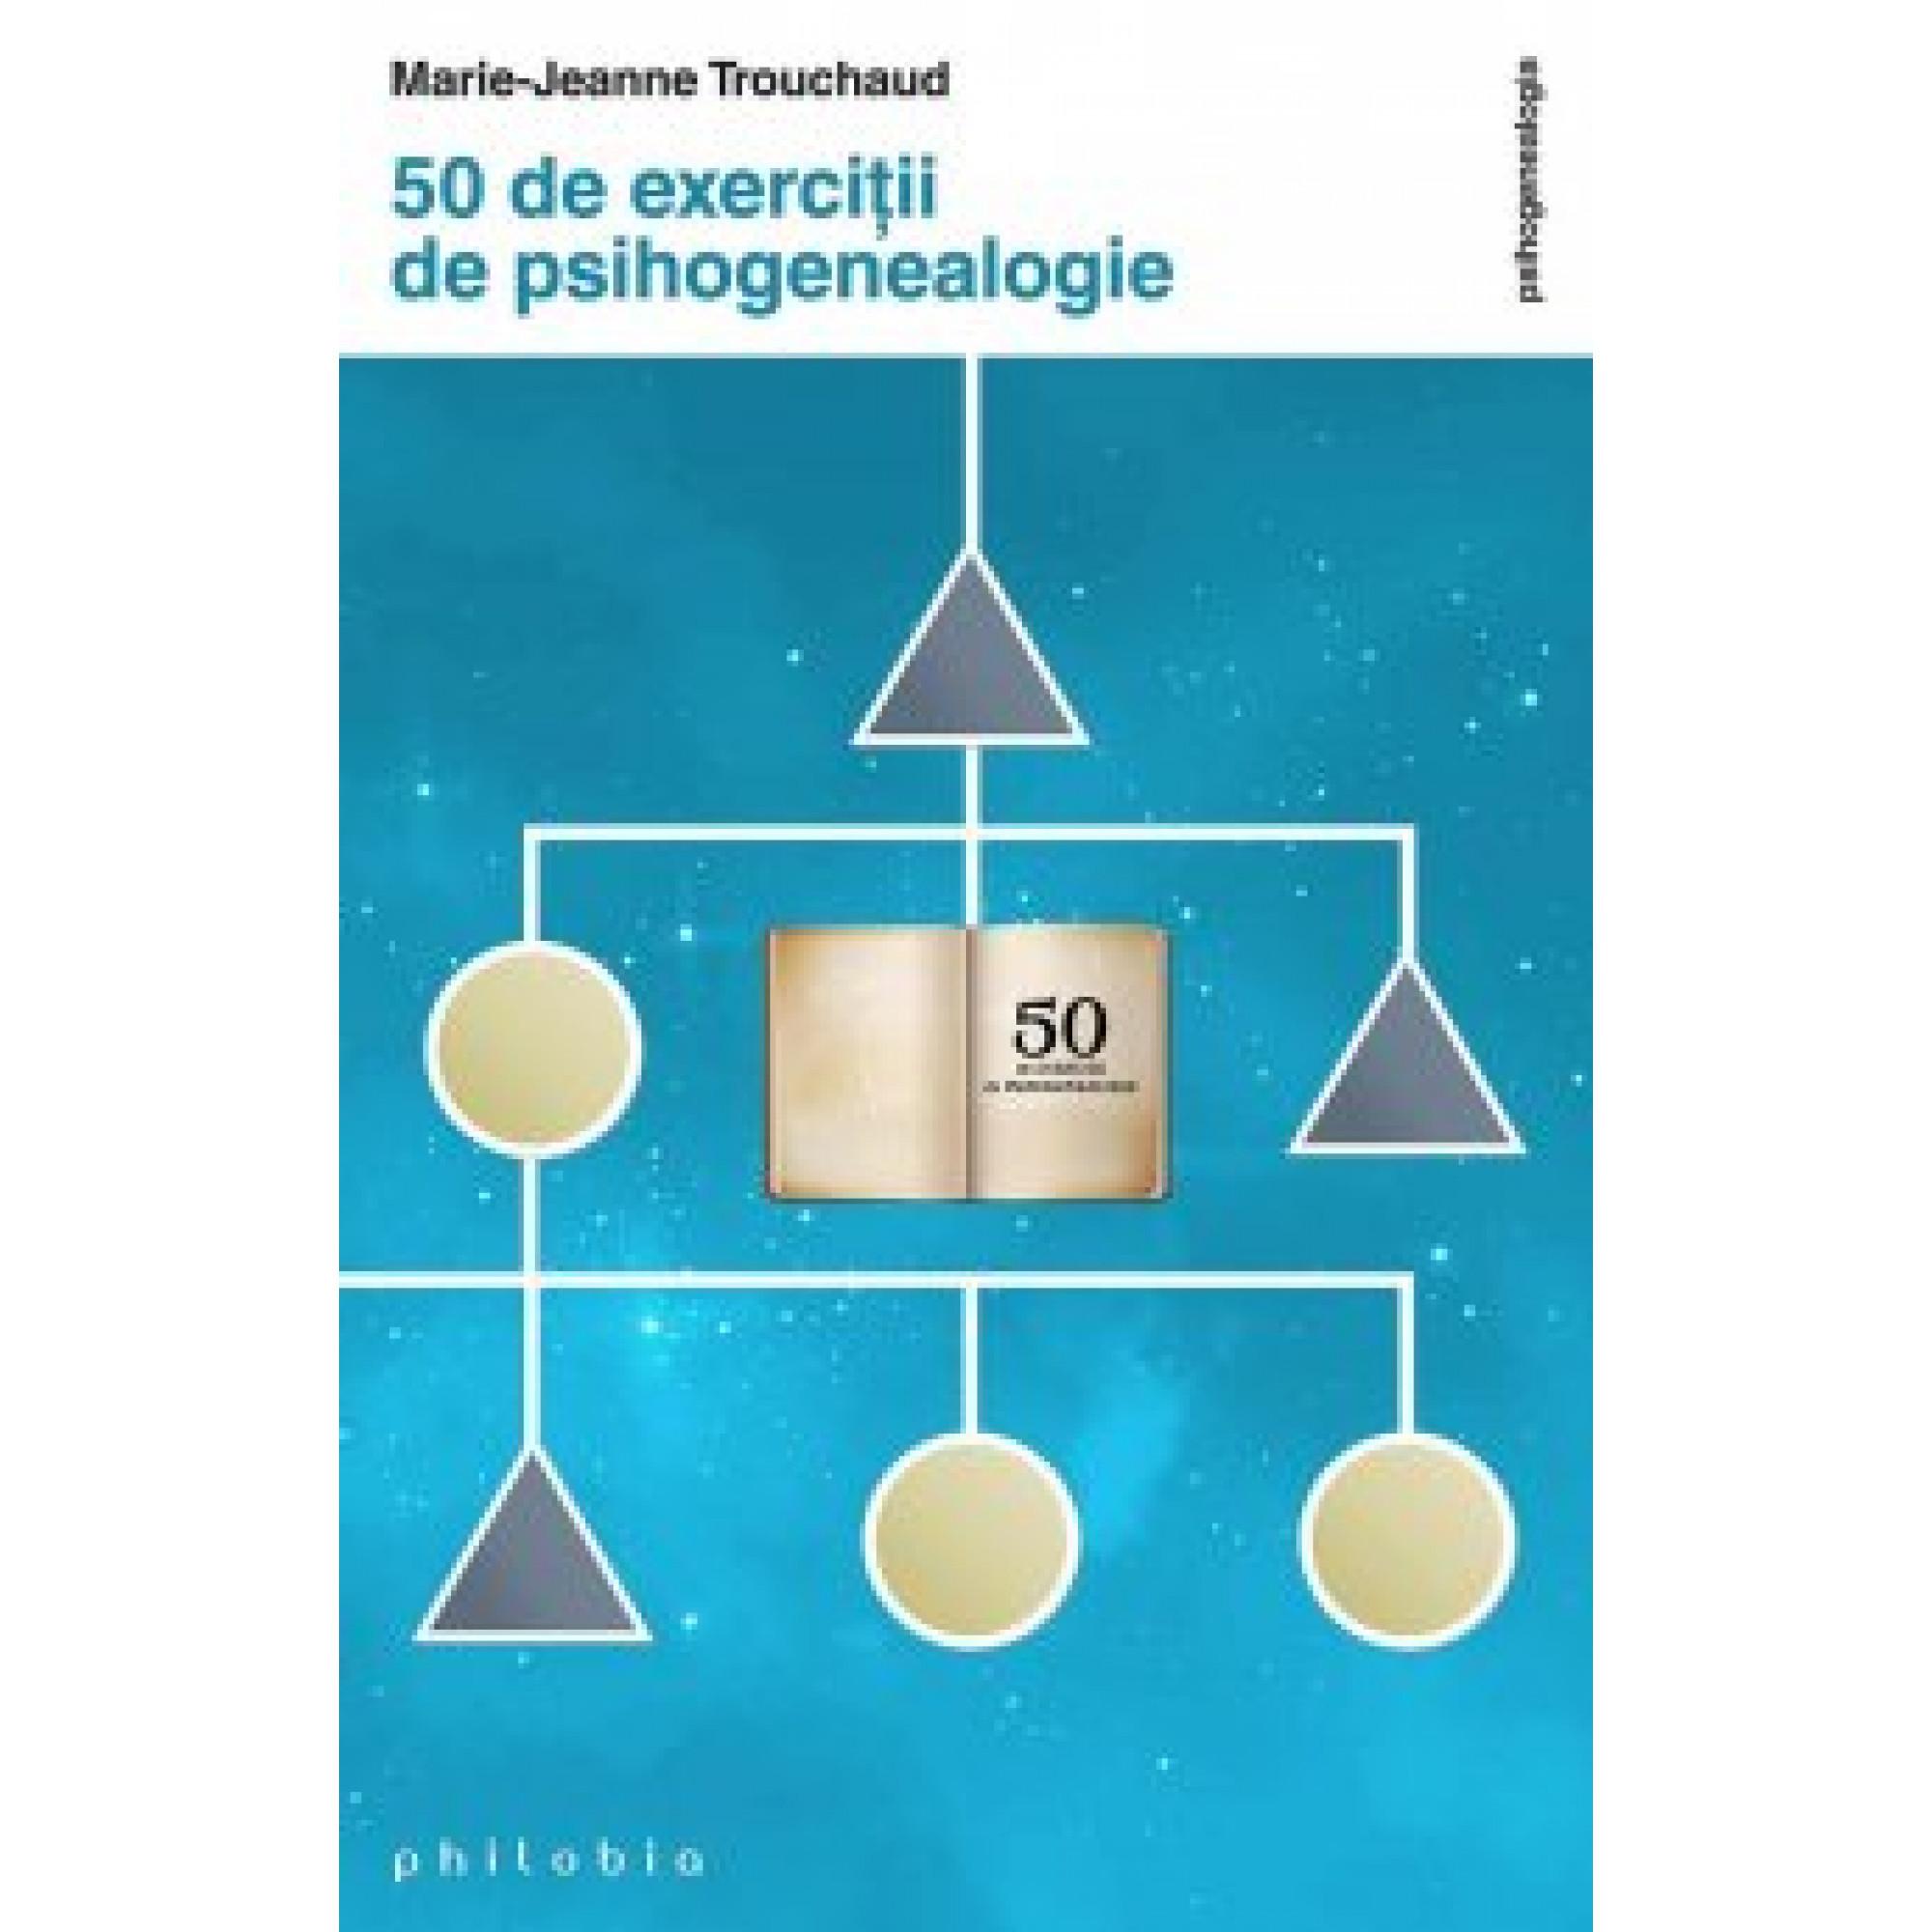 50 de exerciţii de psihogenealogie; Marie-Jeanne Trouchaud